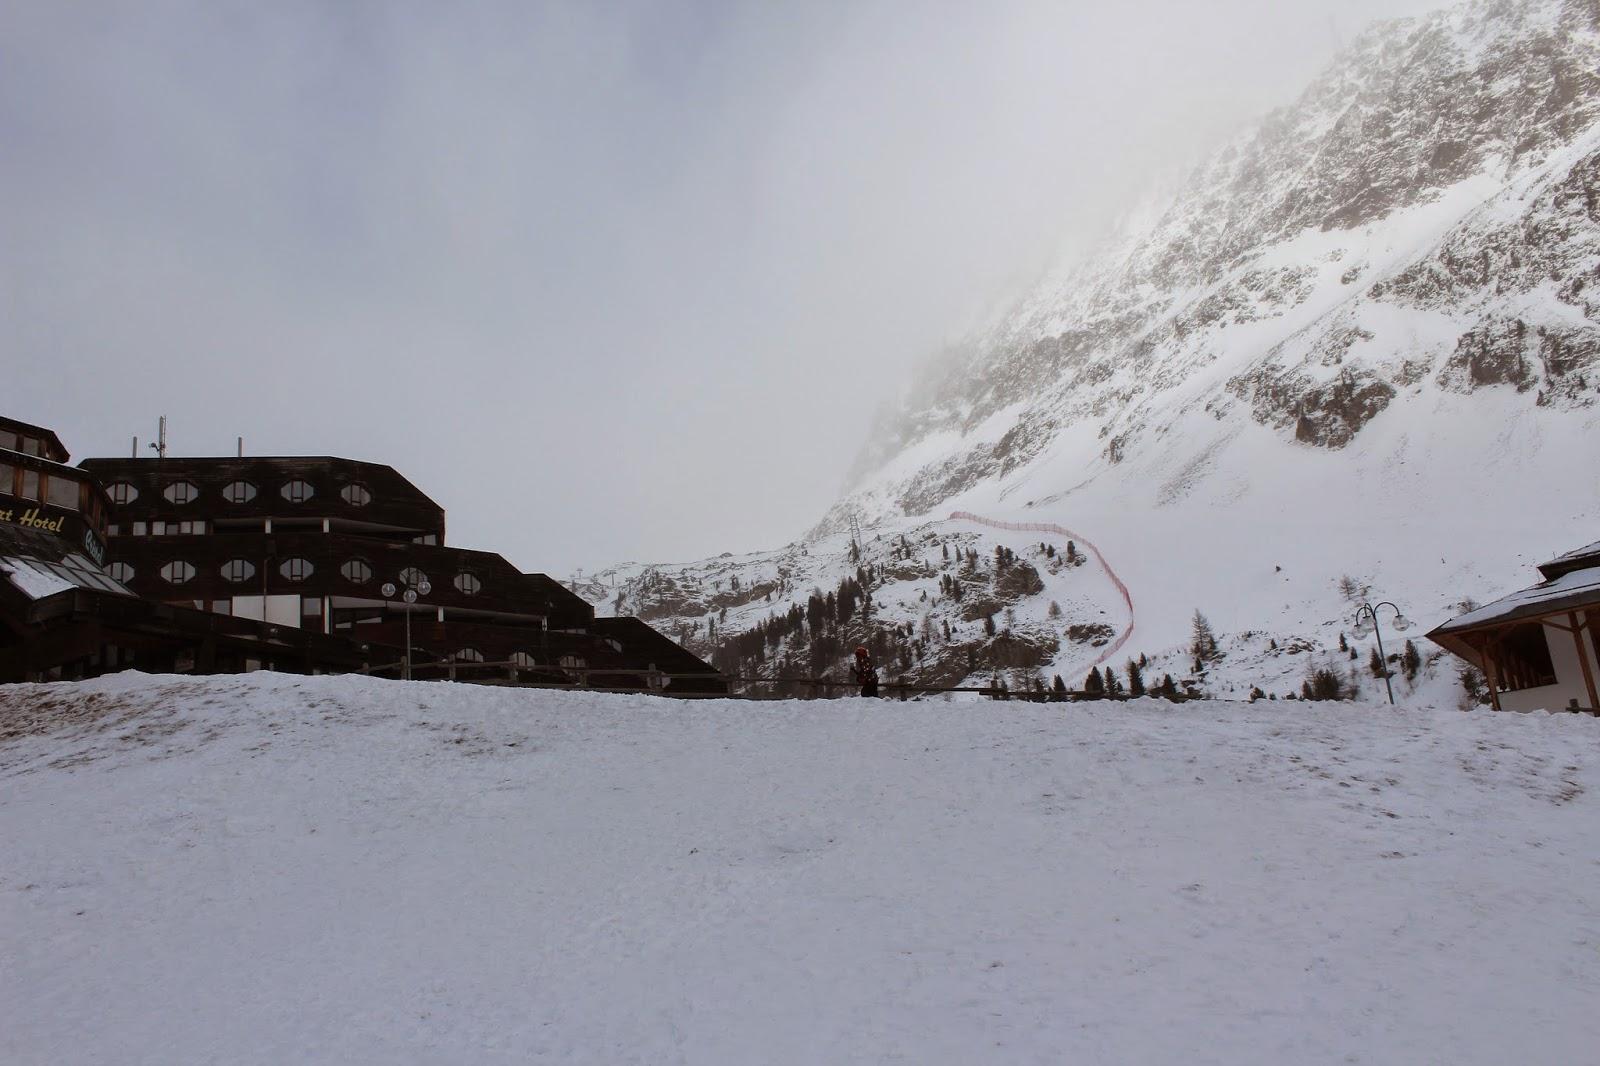 hotel blu senales w maso corto,ski rent,puch biały śnieg, zdjęcia hotelu,blogger